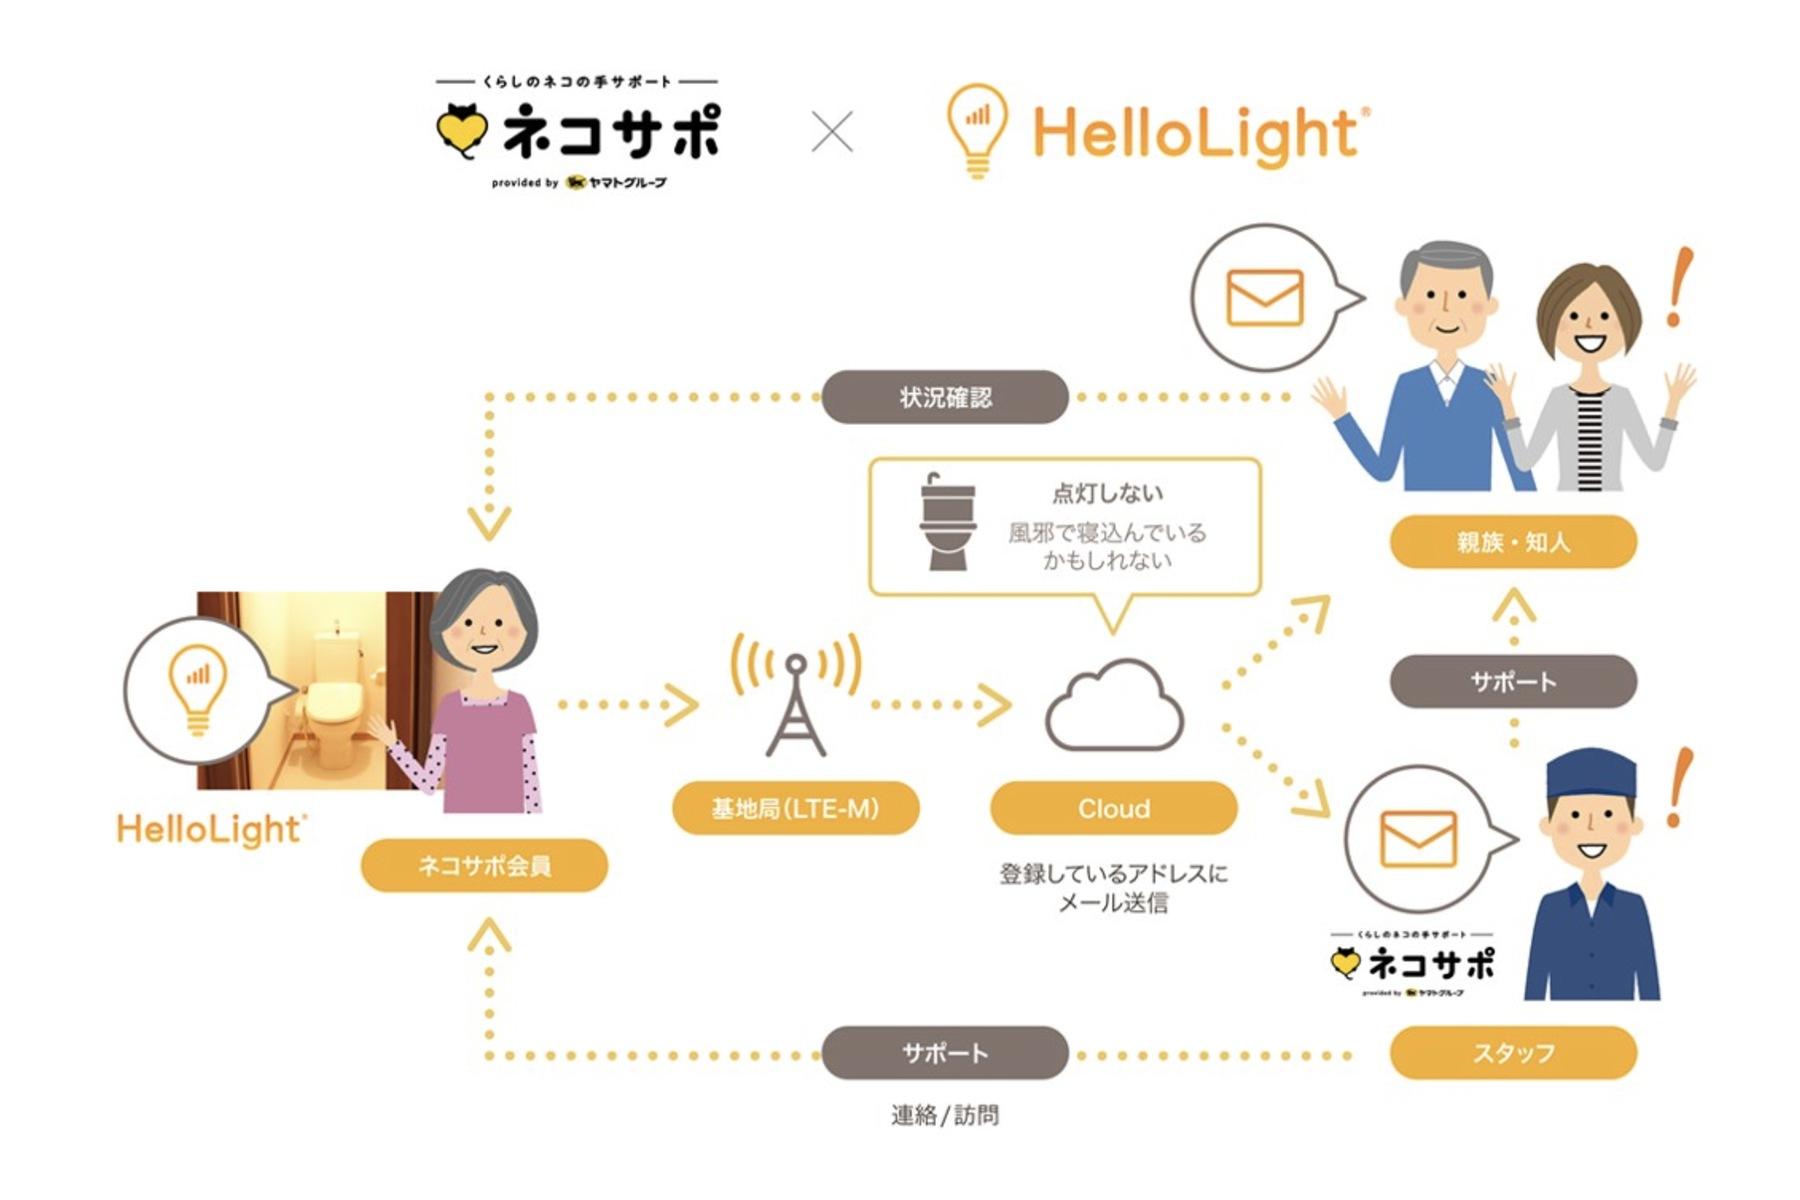 ヤマト運輸×ハローライト | IoT電球を活用した見守りサービスの実証実験を開始